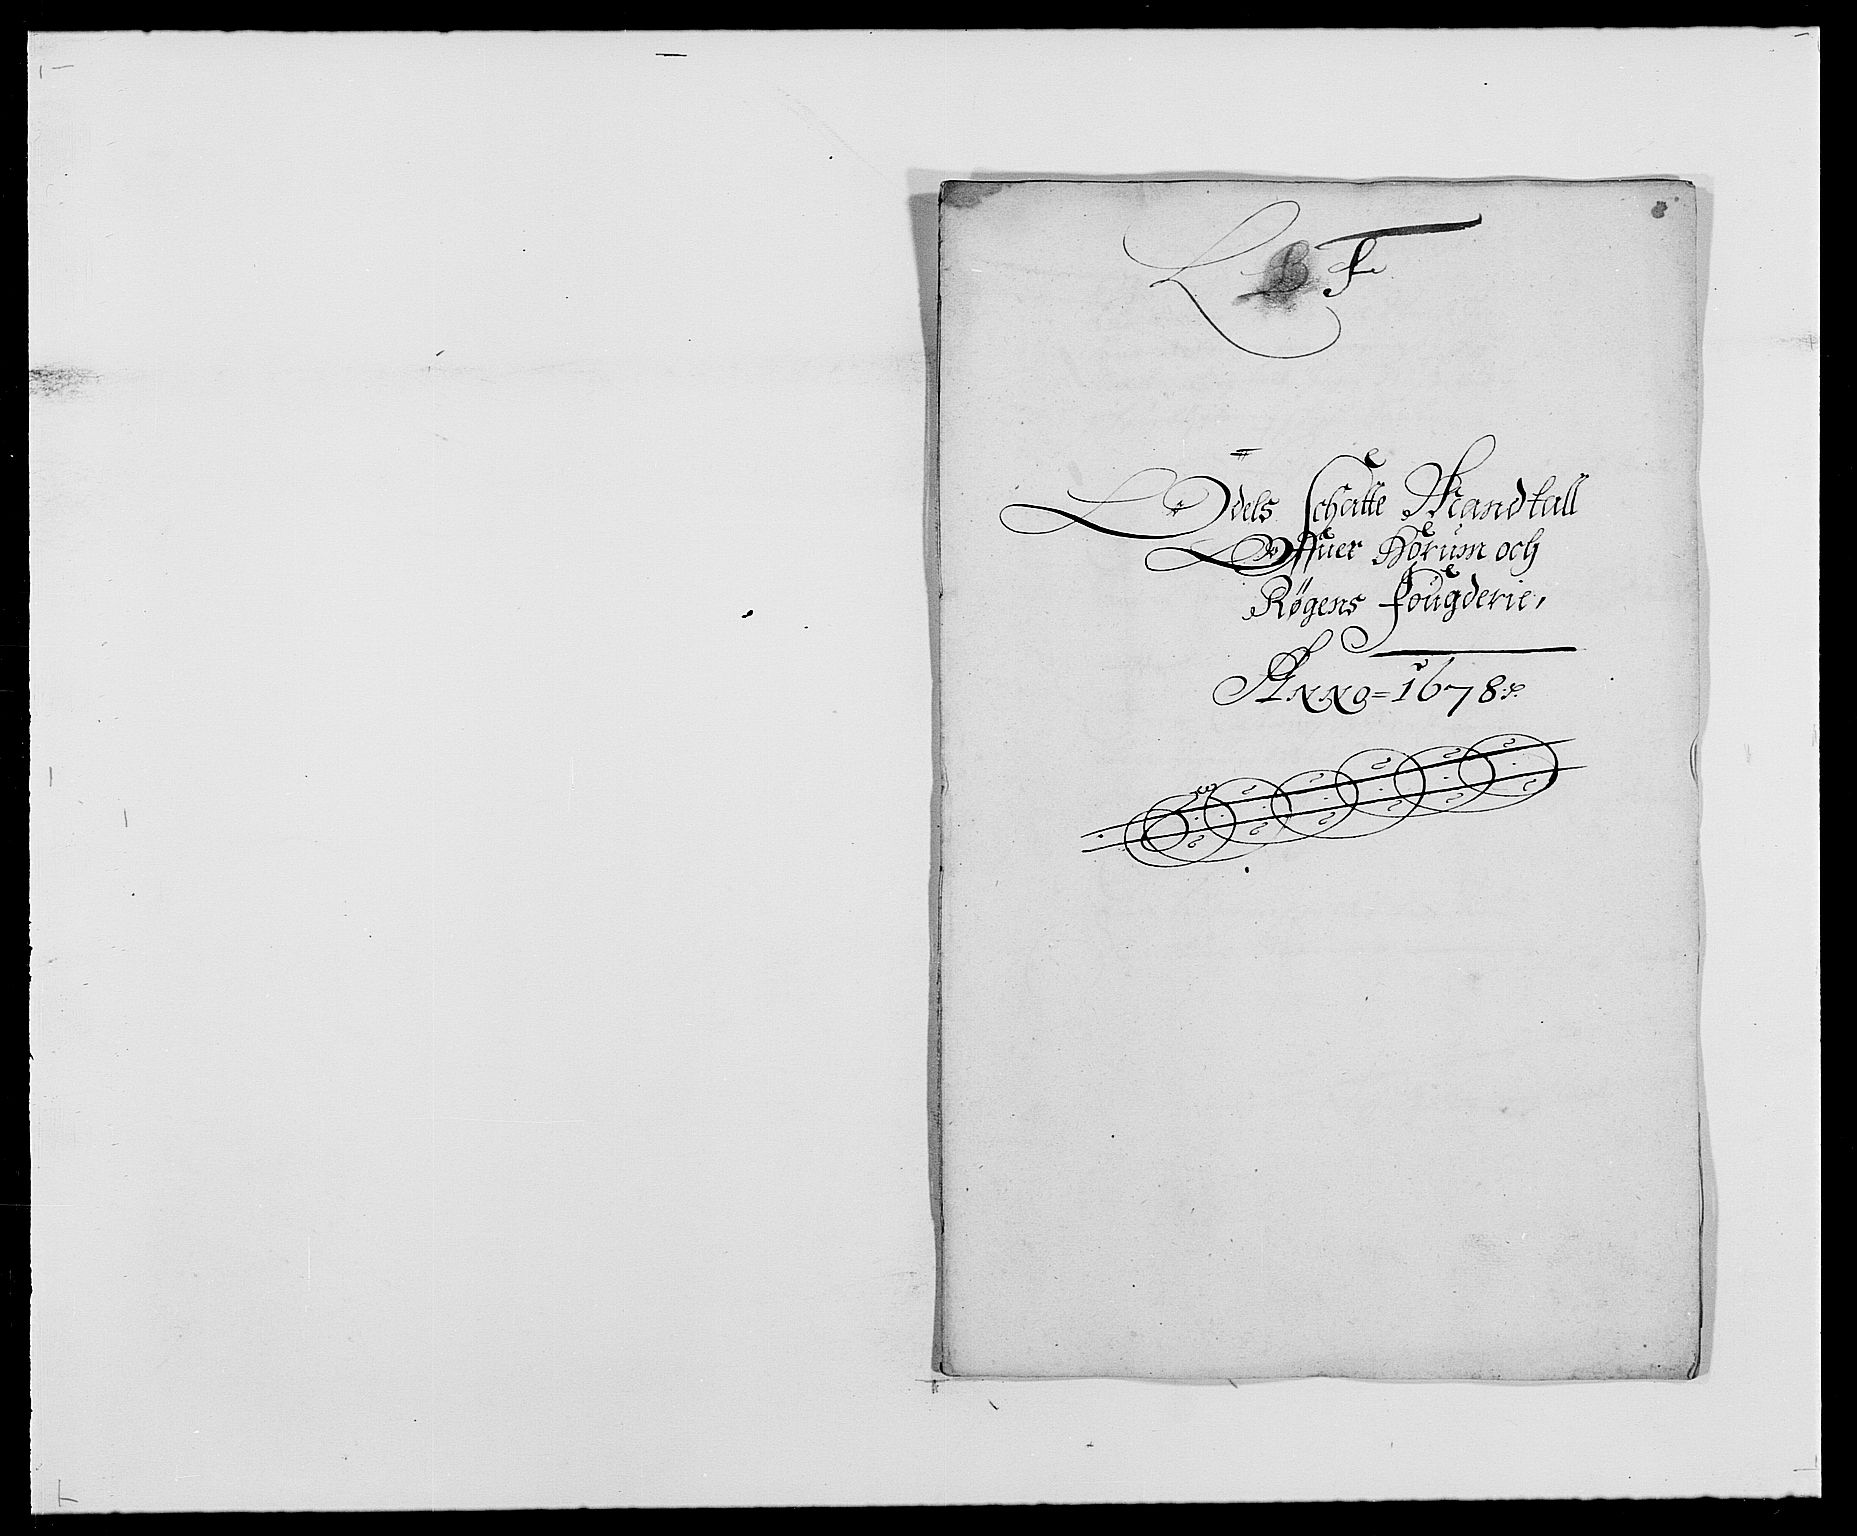 RA, Rentekammeret inntil 1814, Reviderte regnskaper, Fogderegnskap, R29/L1691: Fogderegnskap Hurum og Røyken, 1678-1681, s. 77